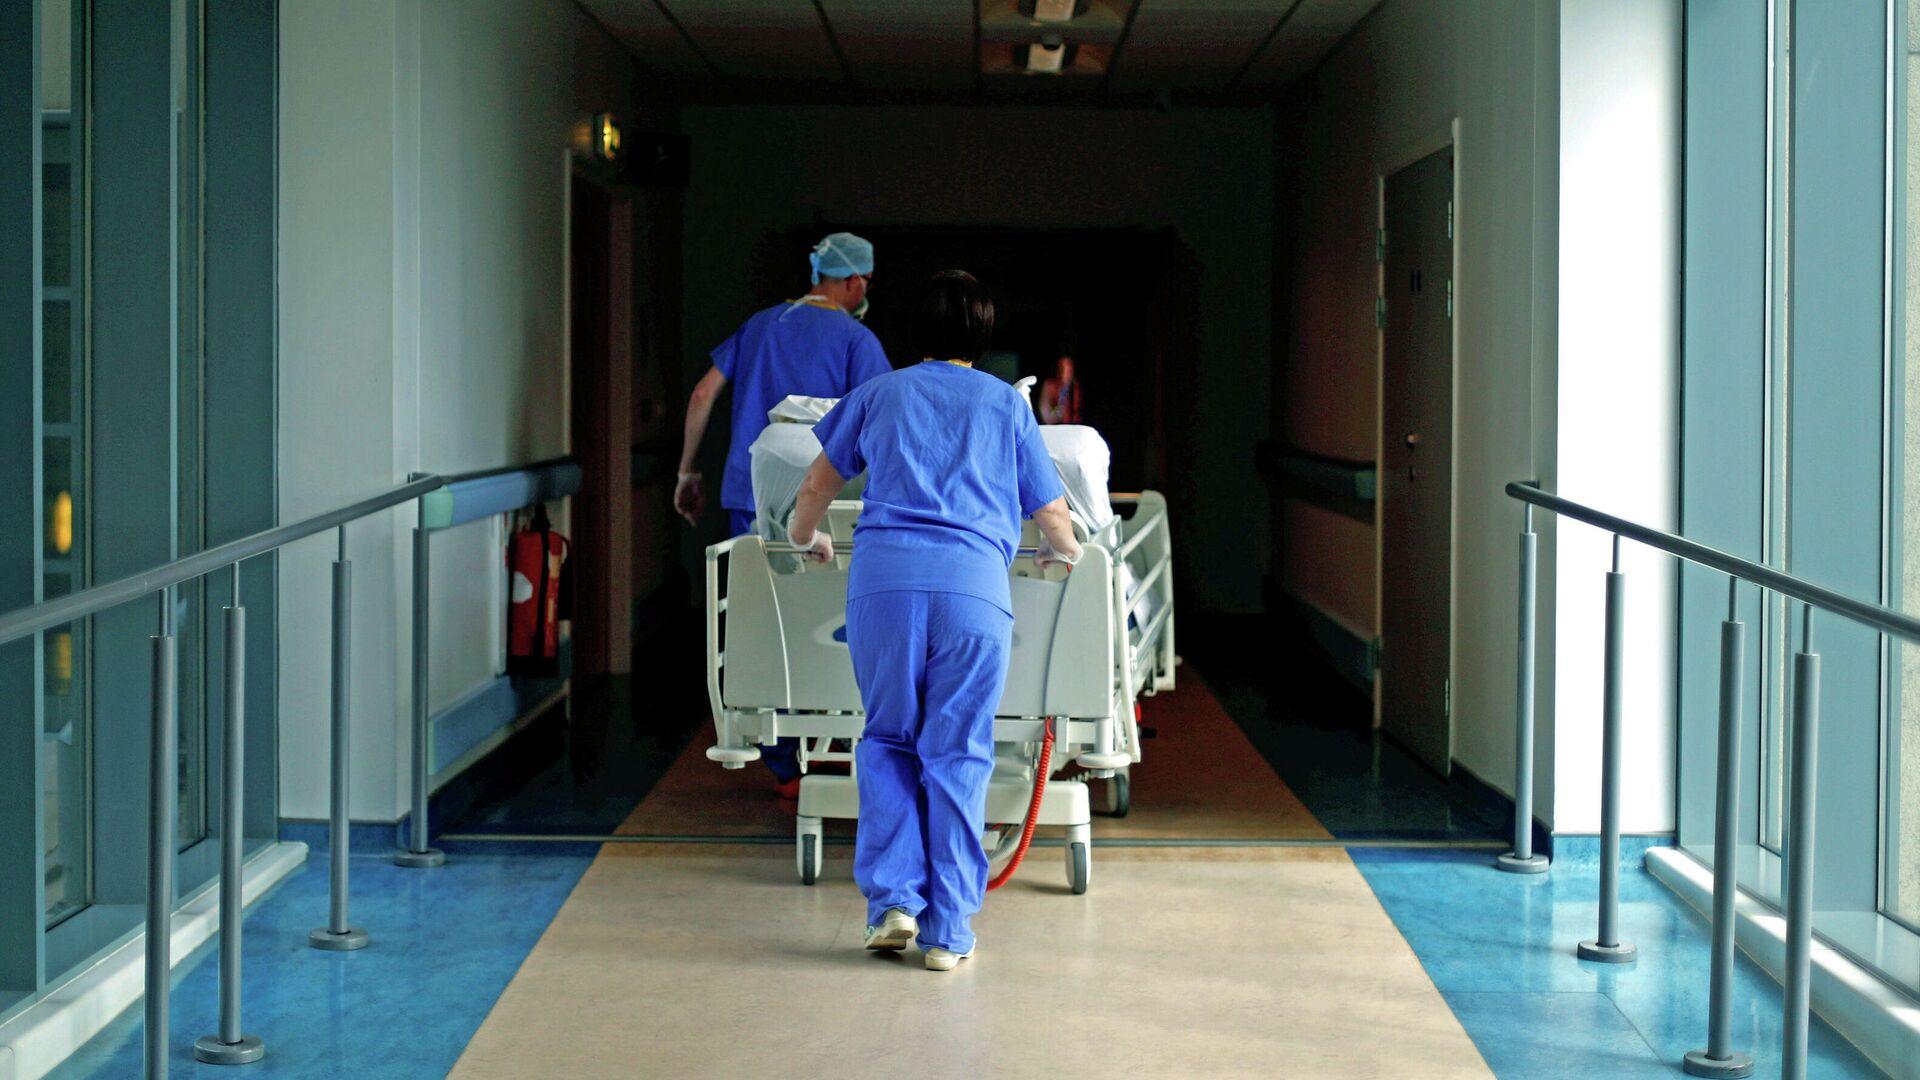 Медики в коронавирусном отделении больницы в Великобритании - РИА Новости, 1920, 04.01.2021